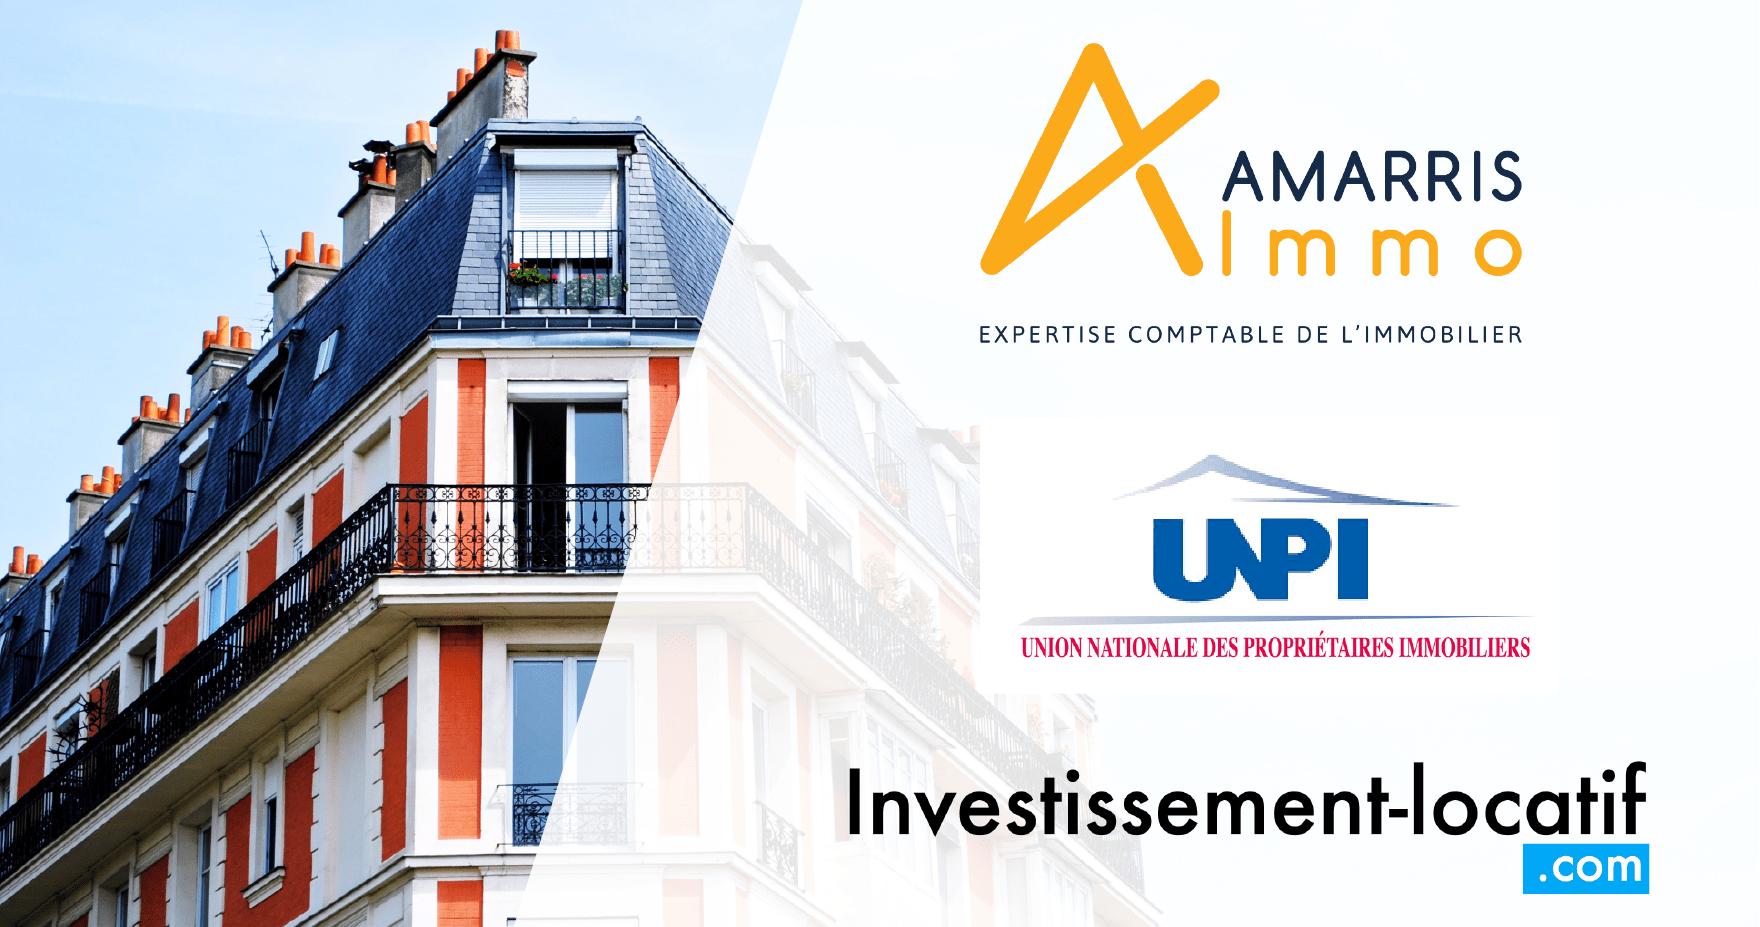 Soirée conférence - L'investissement immobilier à haute rentabilité